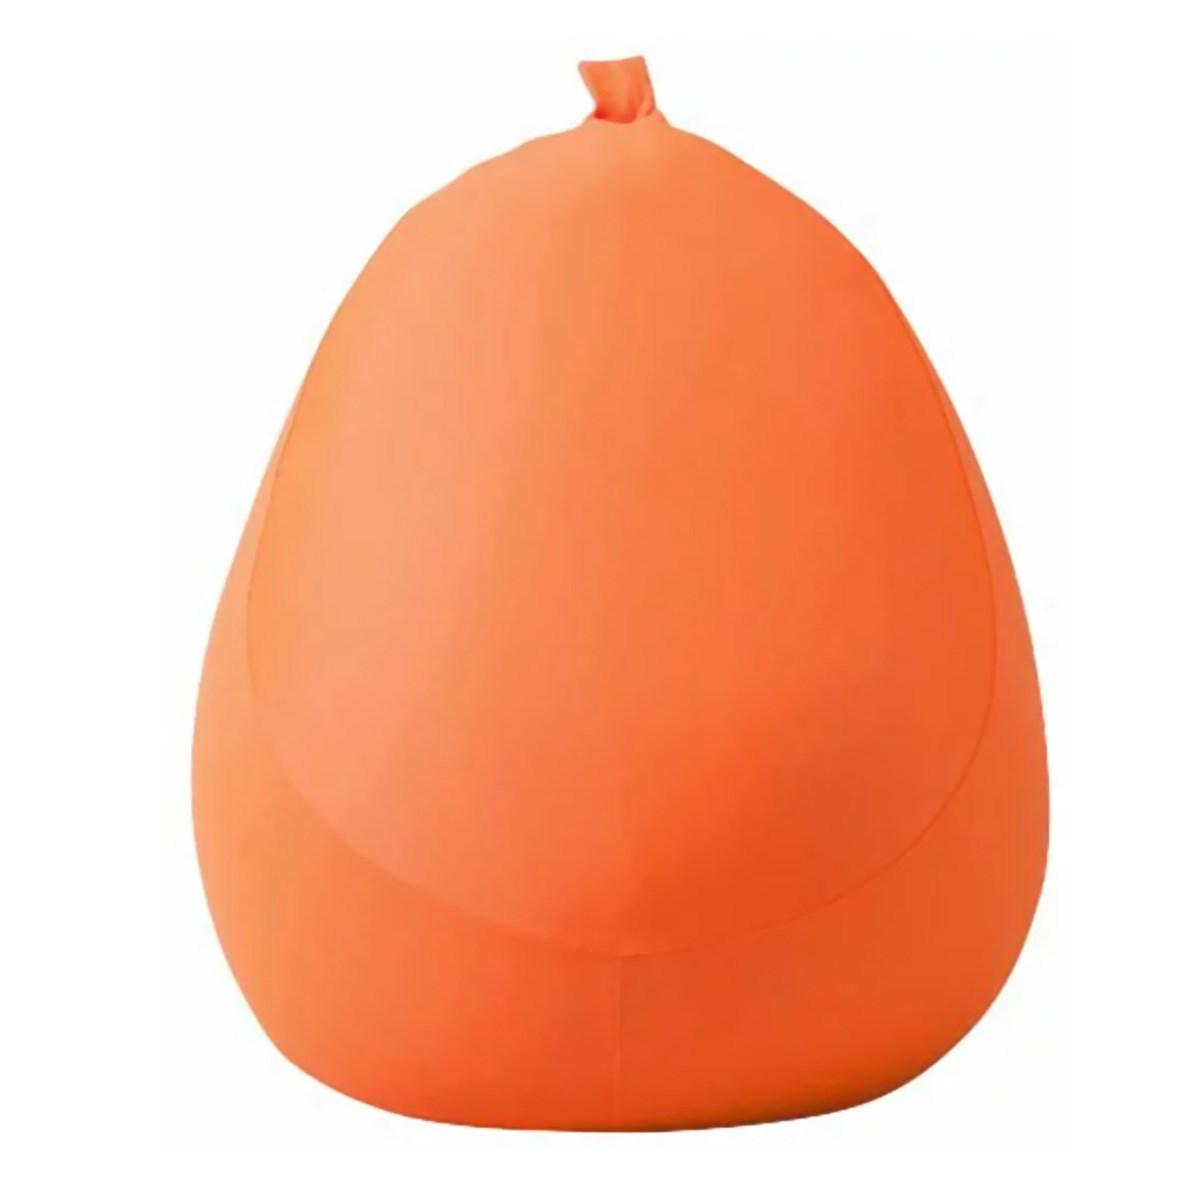 MOGU カバー付き フィットチェア オレンジ